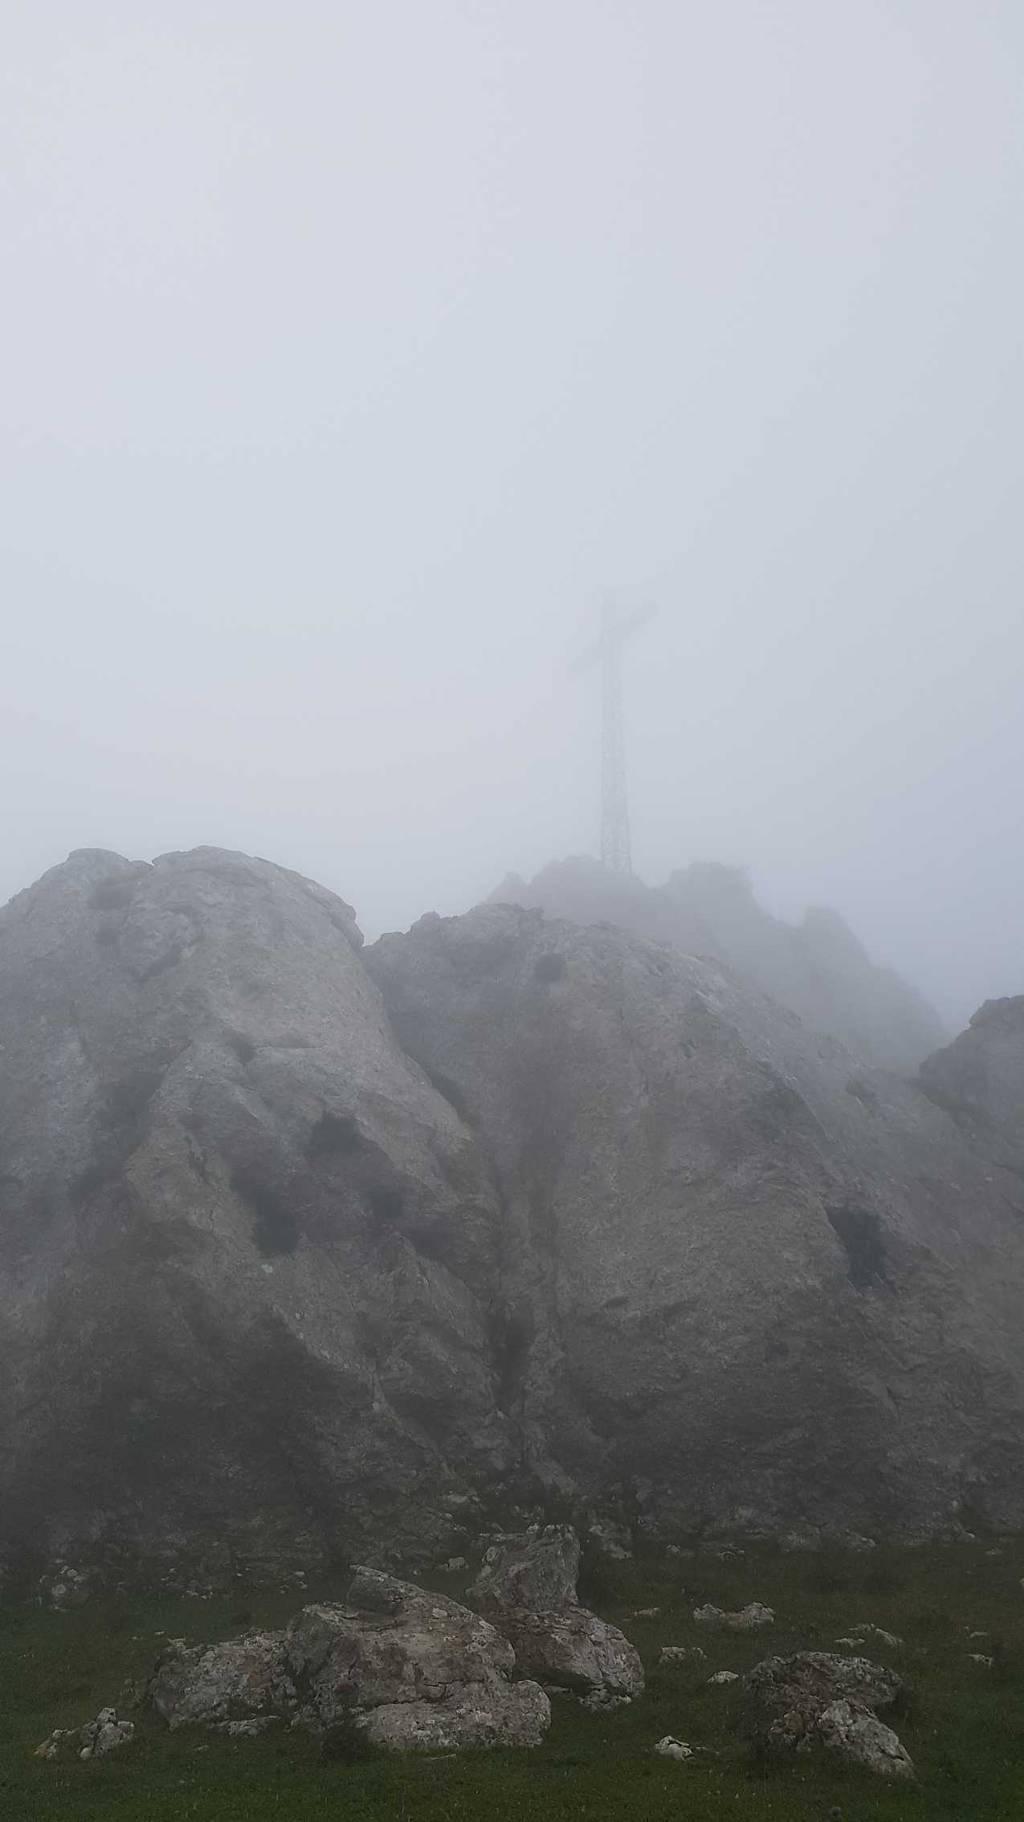 Anjel Bergaretxe erabiltzailea Kurutzebarri puntan, 2021-08-16 09:15